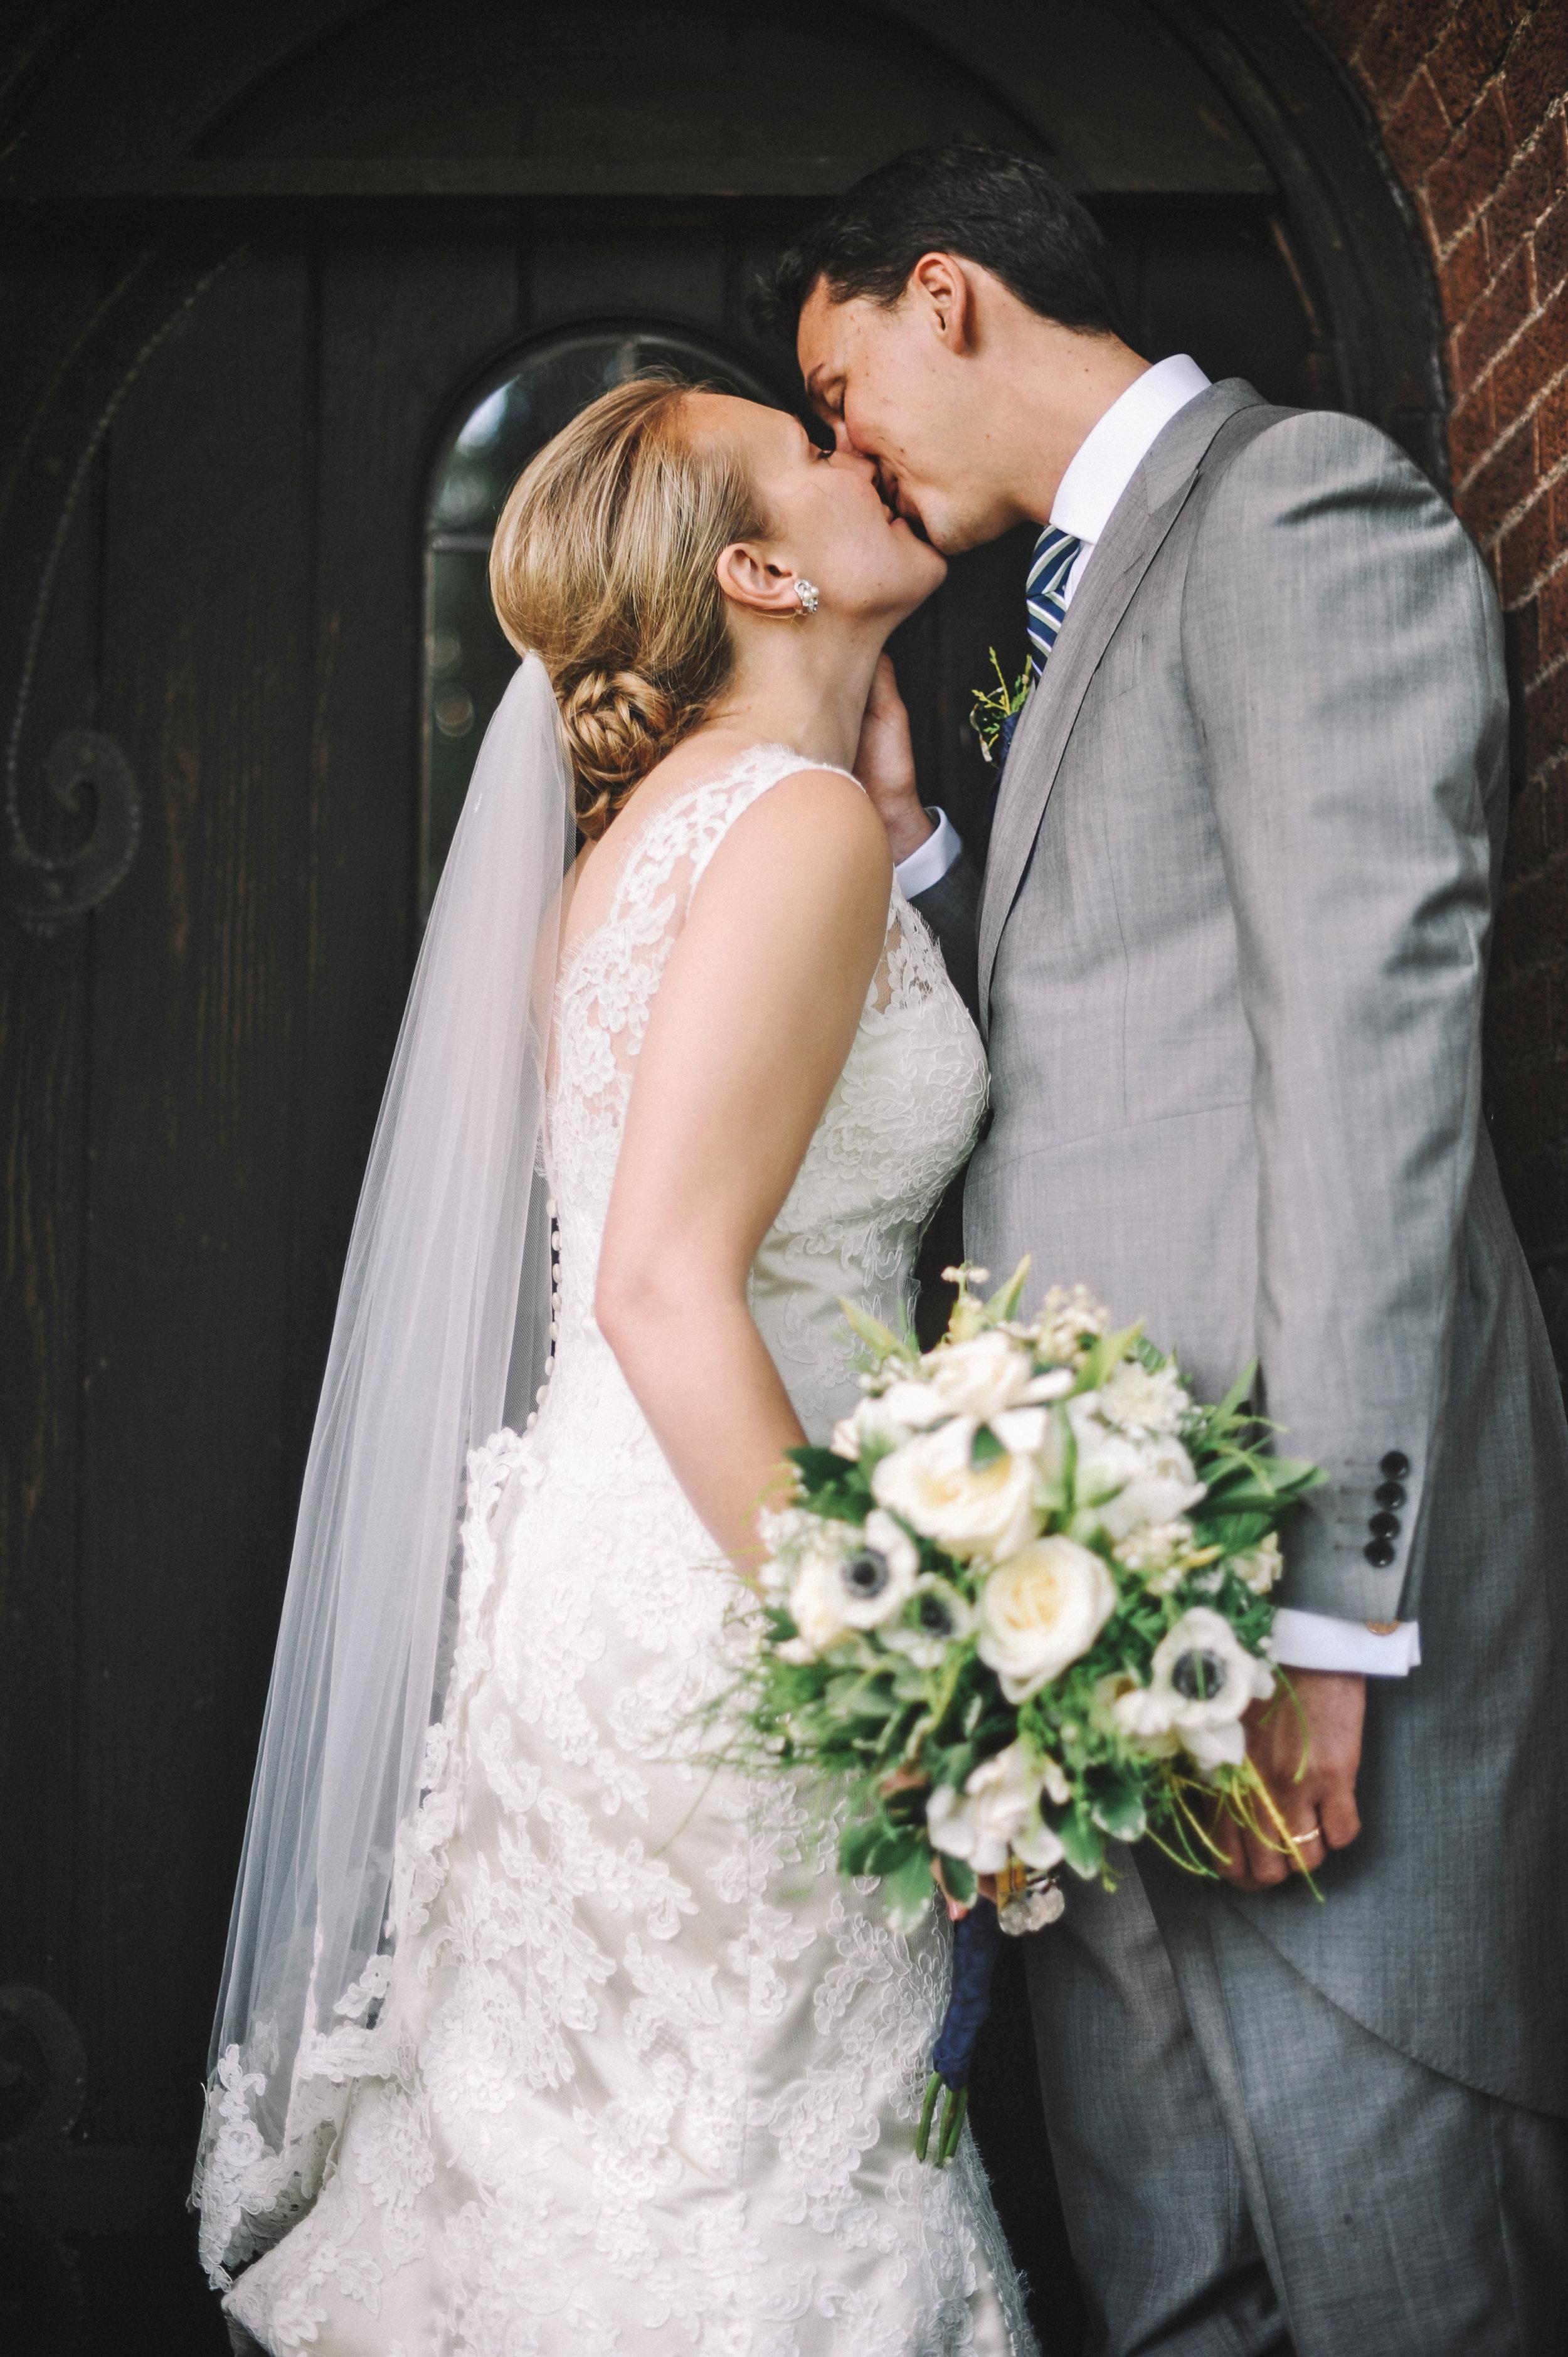 Leslie Rodriguez Photography | Nashville Wedding Photography